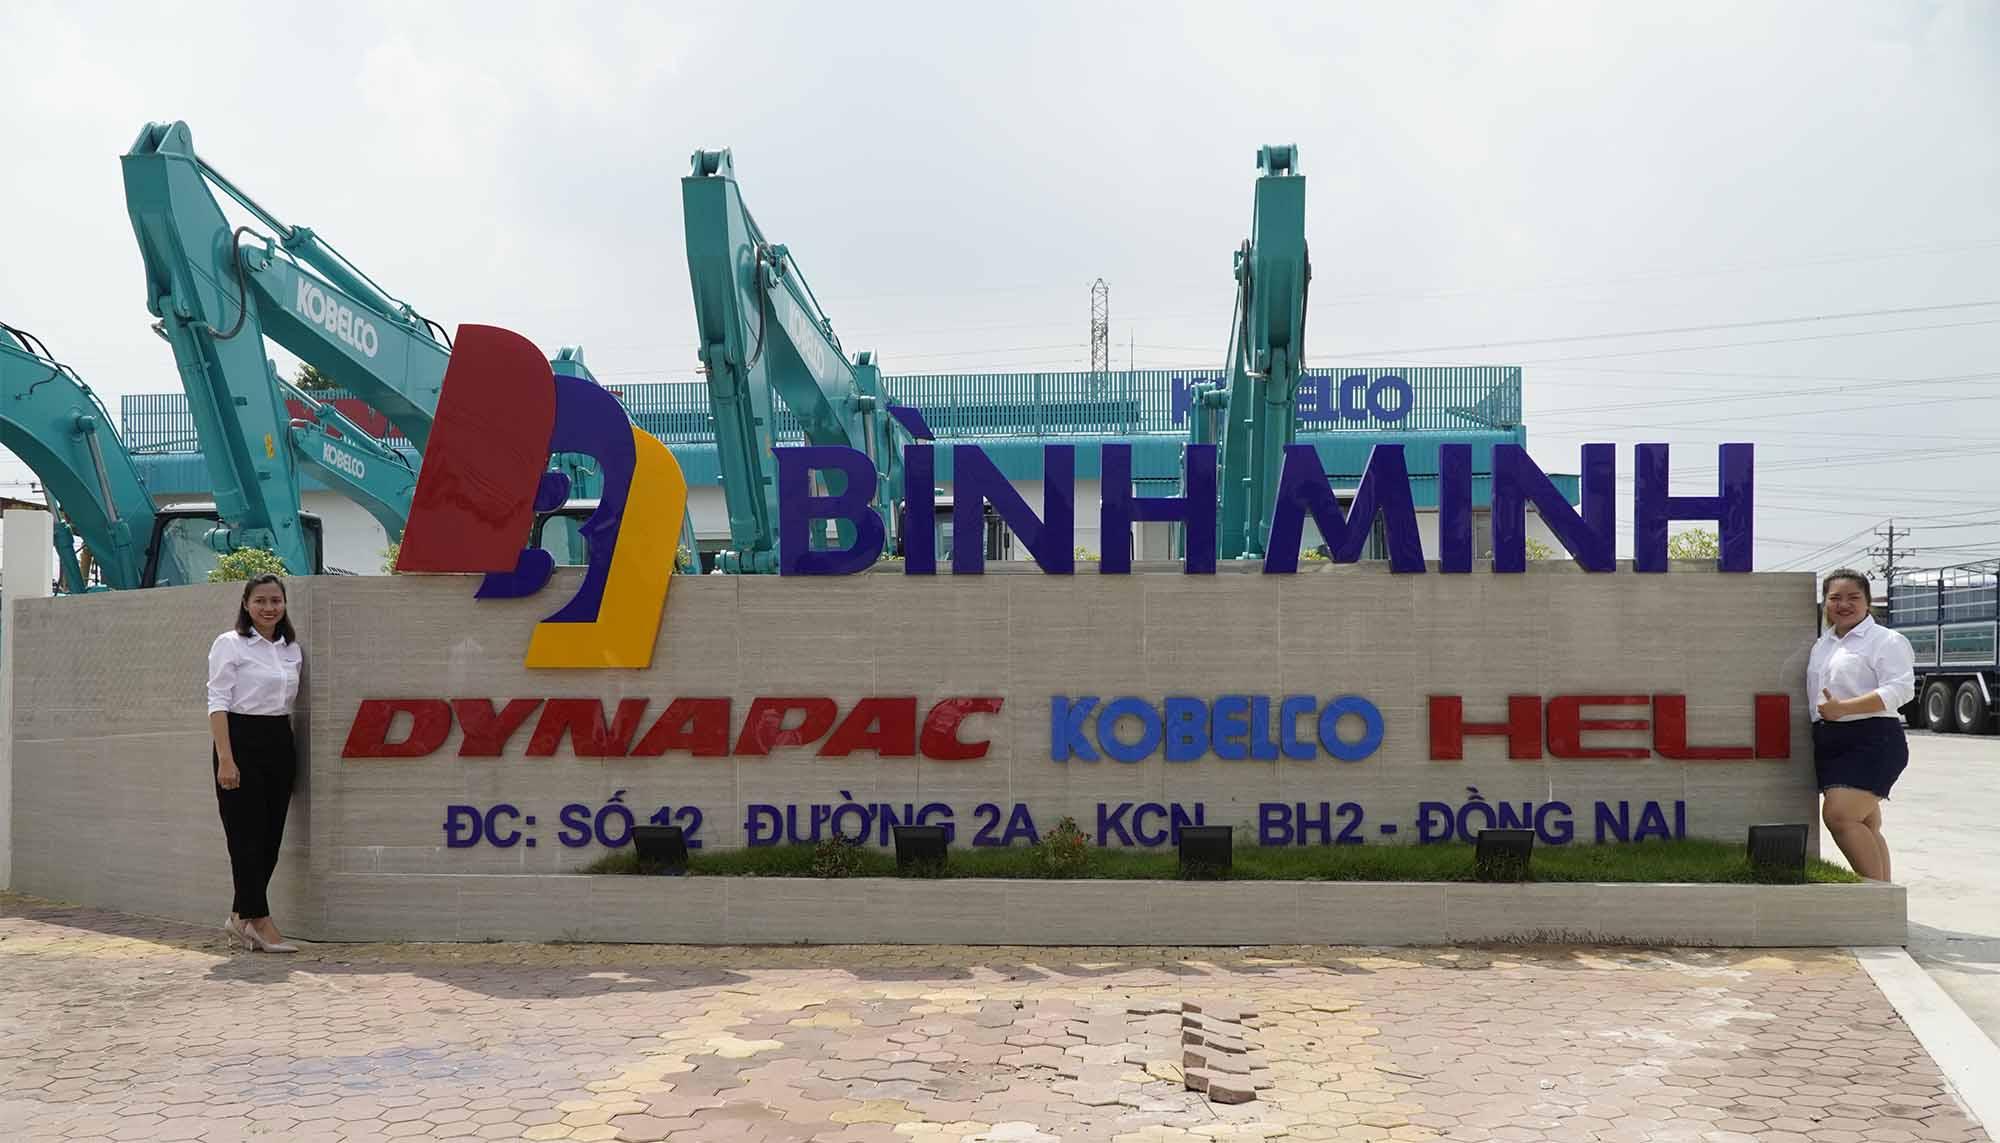 Kho xe nâng Heli tại Biên Hòa - Đồng Nai